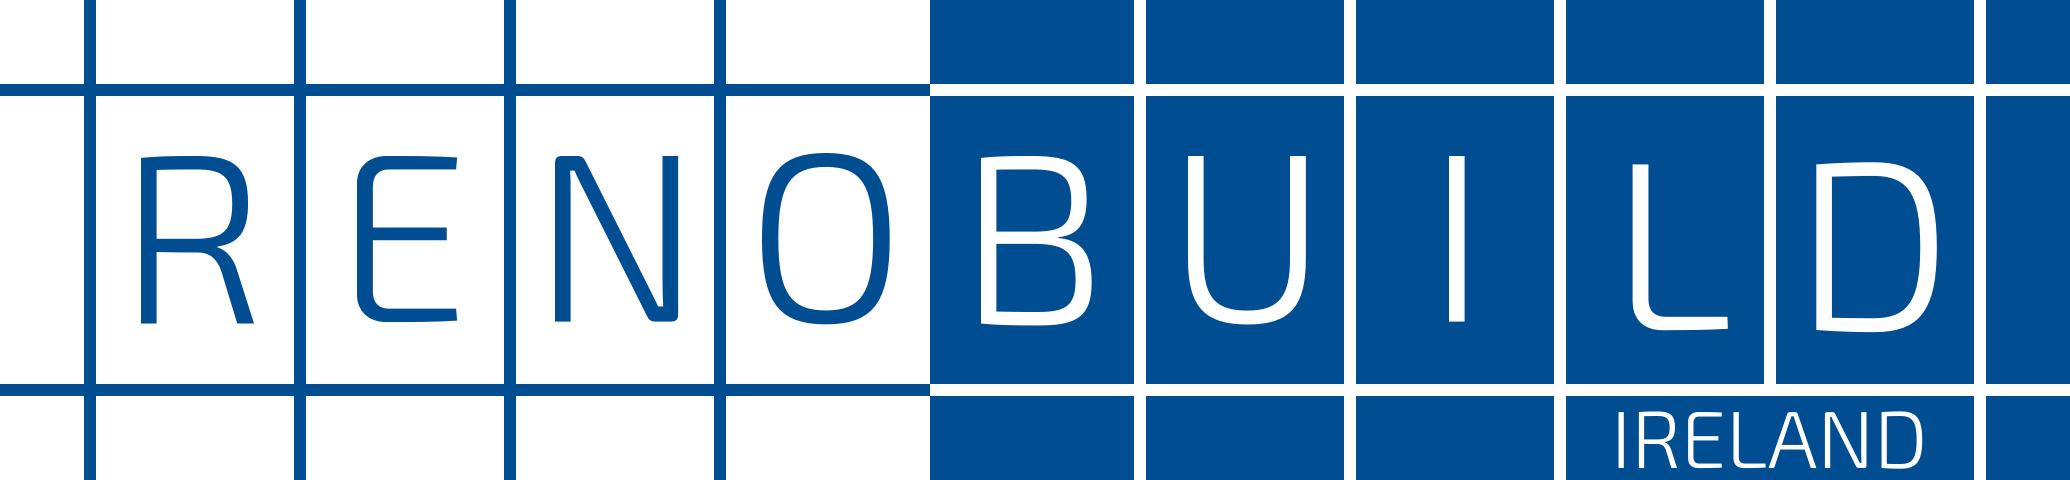 Renobuild Logo-blue-white-bg